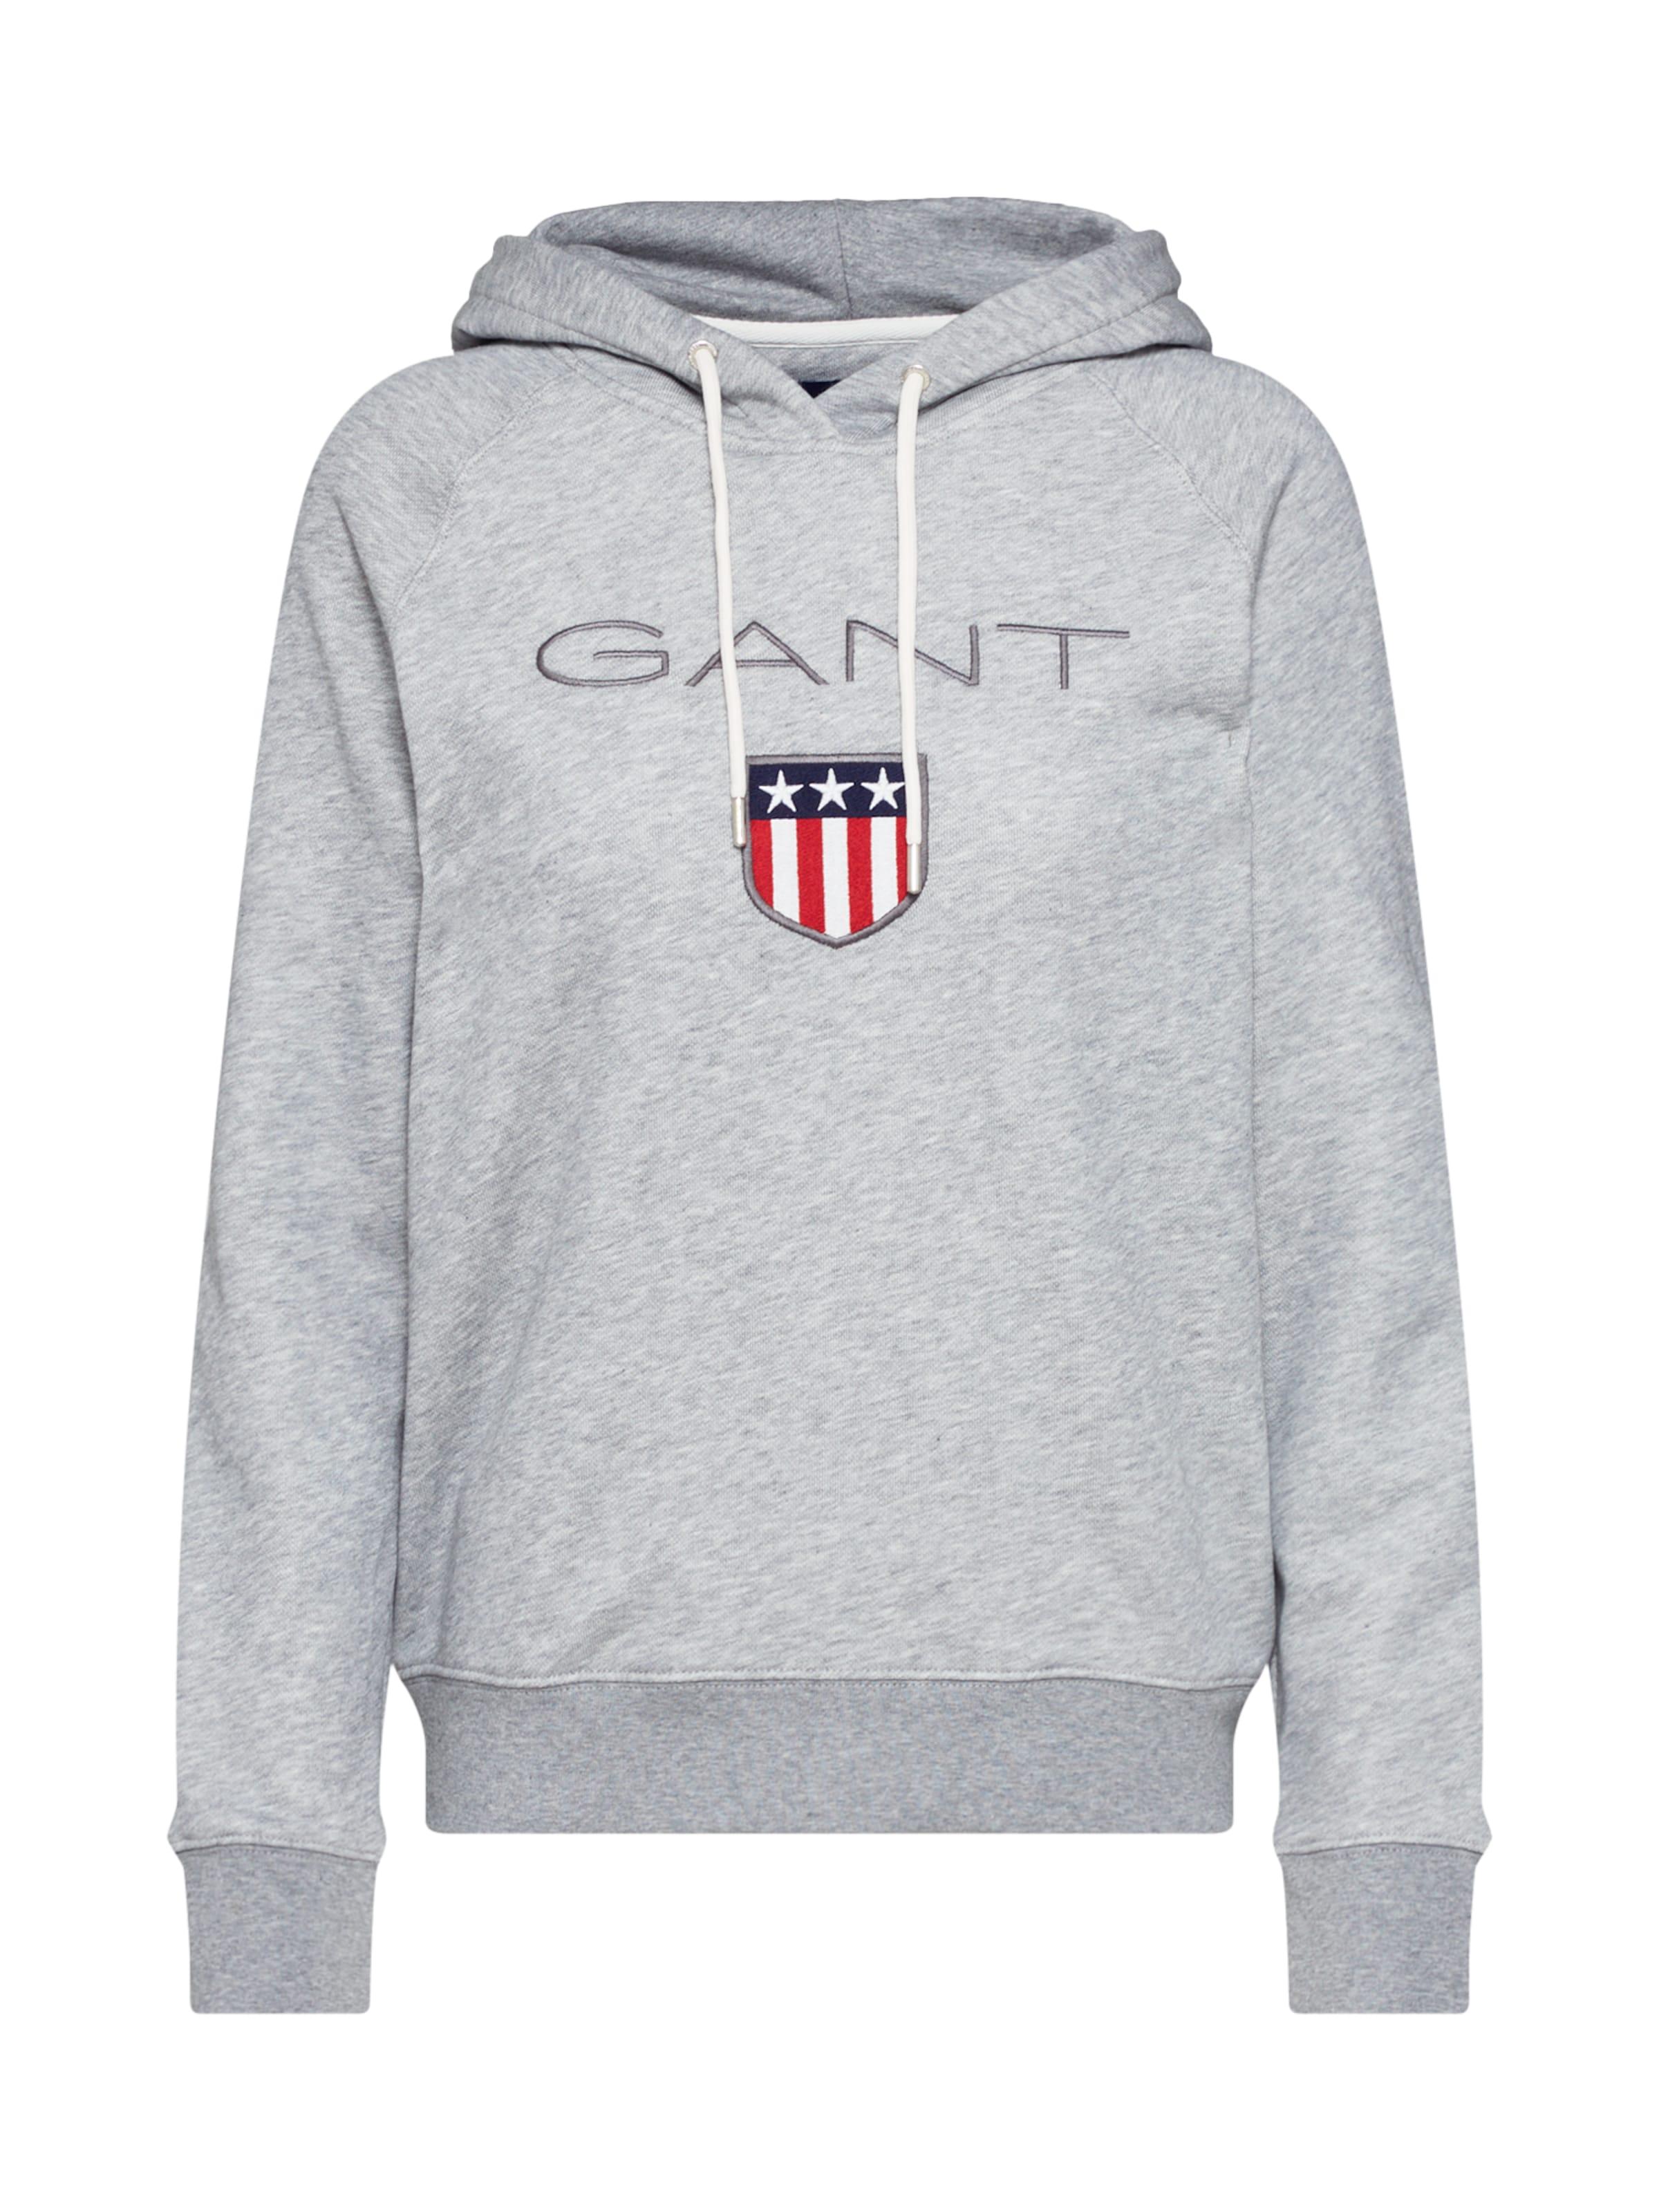 Gris Chiné Gant En 'shield' Sweat shirt 8ZONn0wXPk